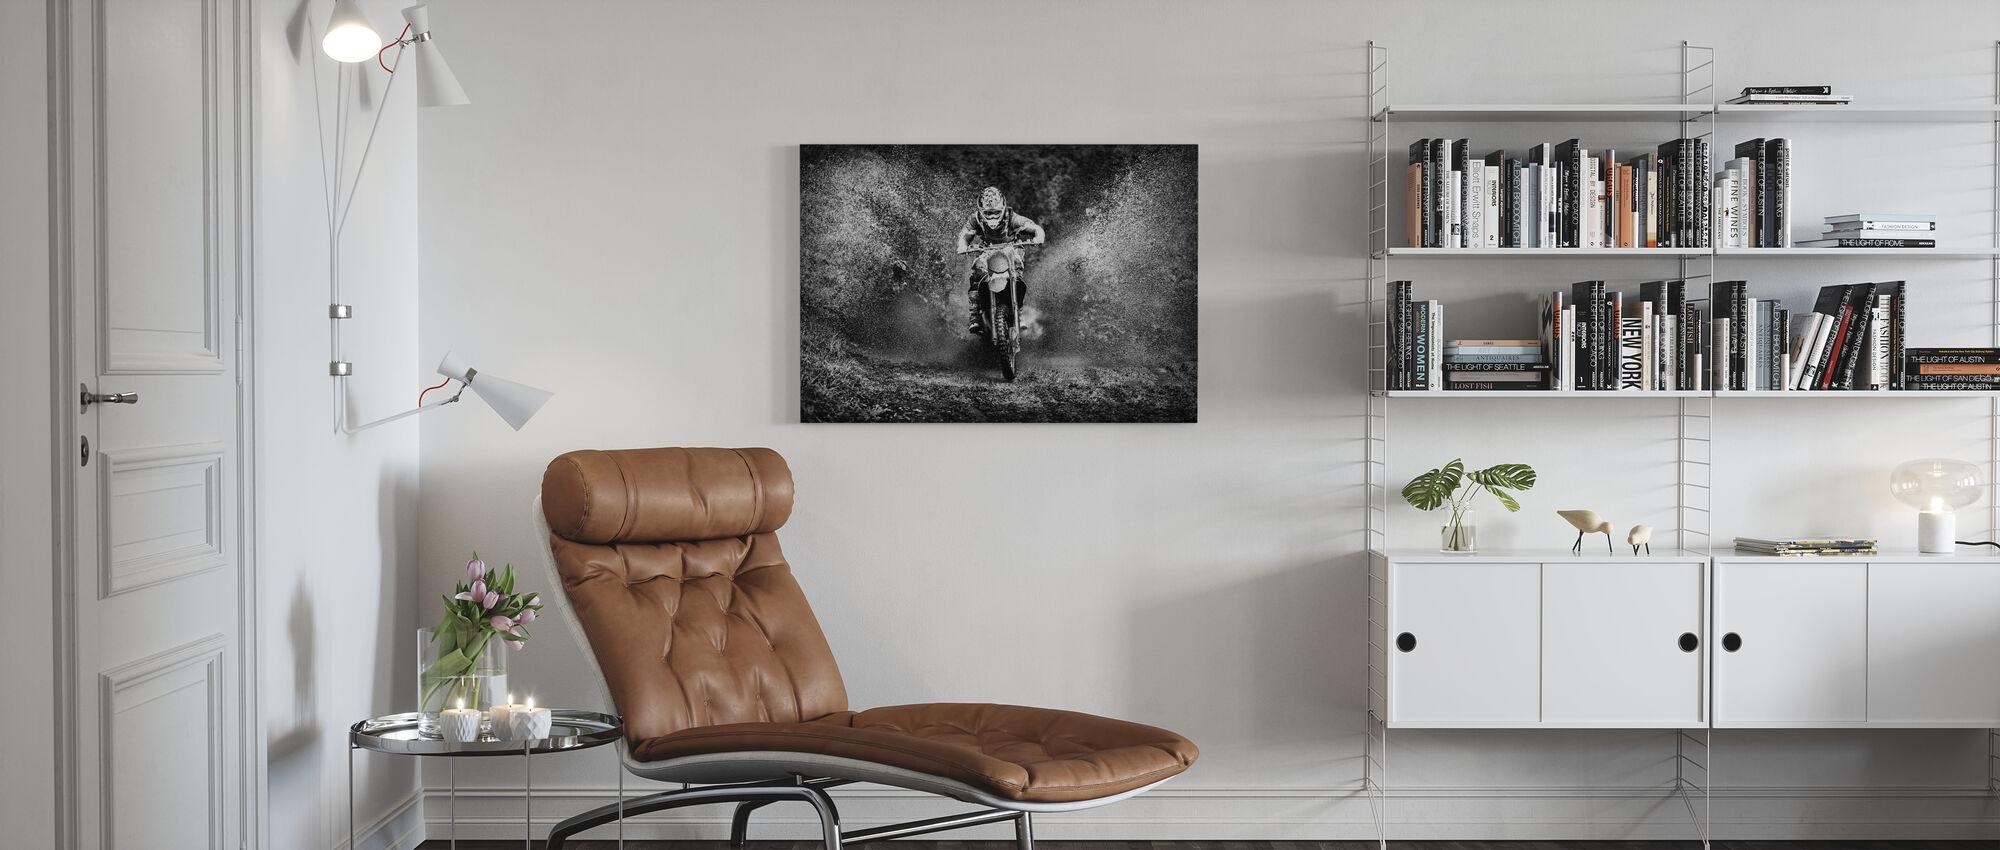 Spray Mud Moottoripyörä, musta ja valkoinen - Canvastaulu - Olohuone